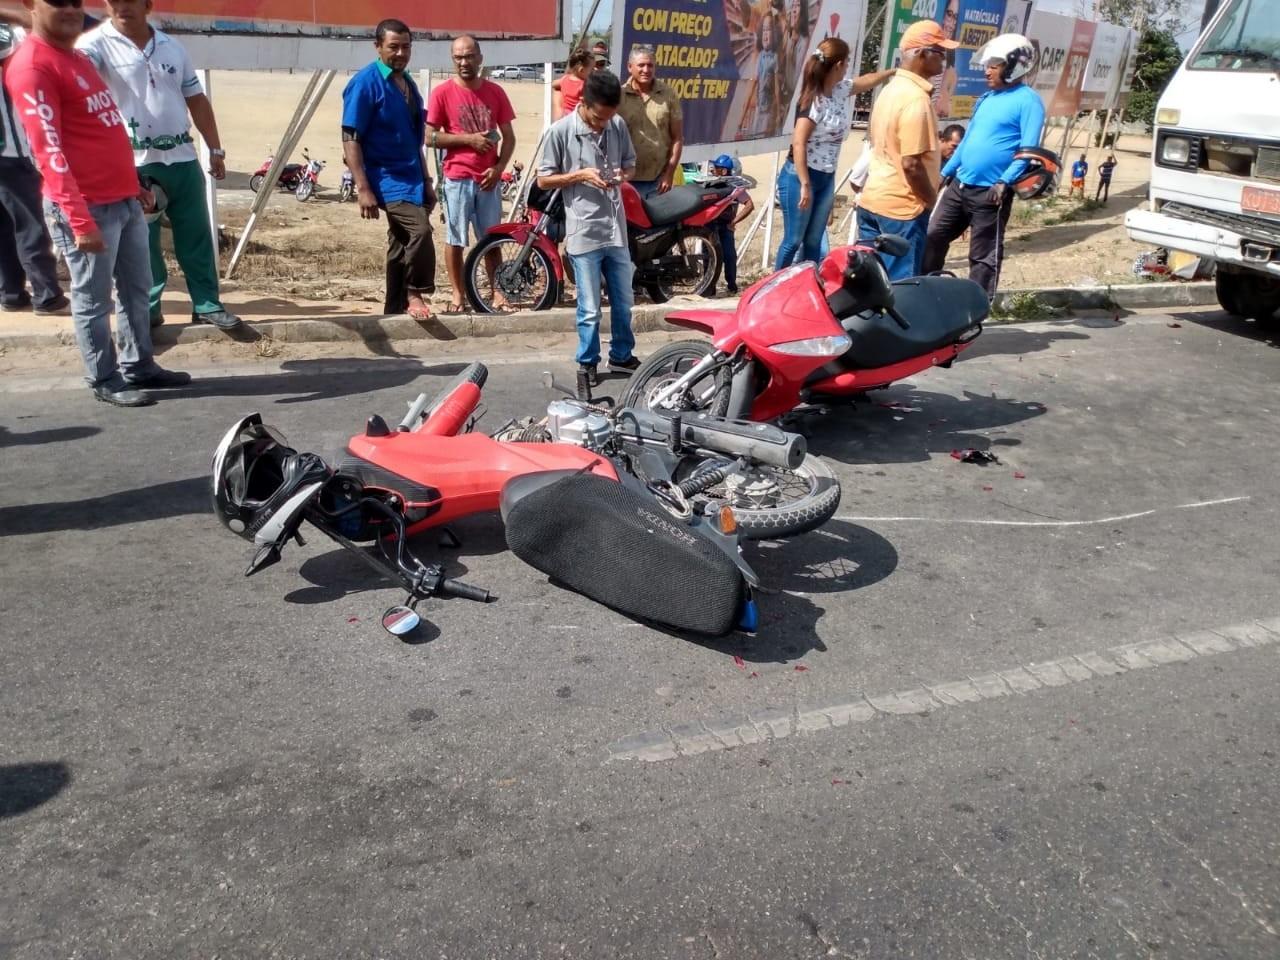 Motorista perde controle de caminhão e atropela motociclistas em Arapiraca, AL - Notícias - Plantão Diário